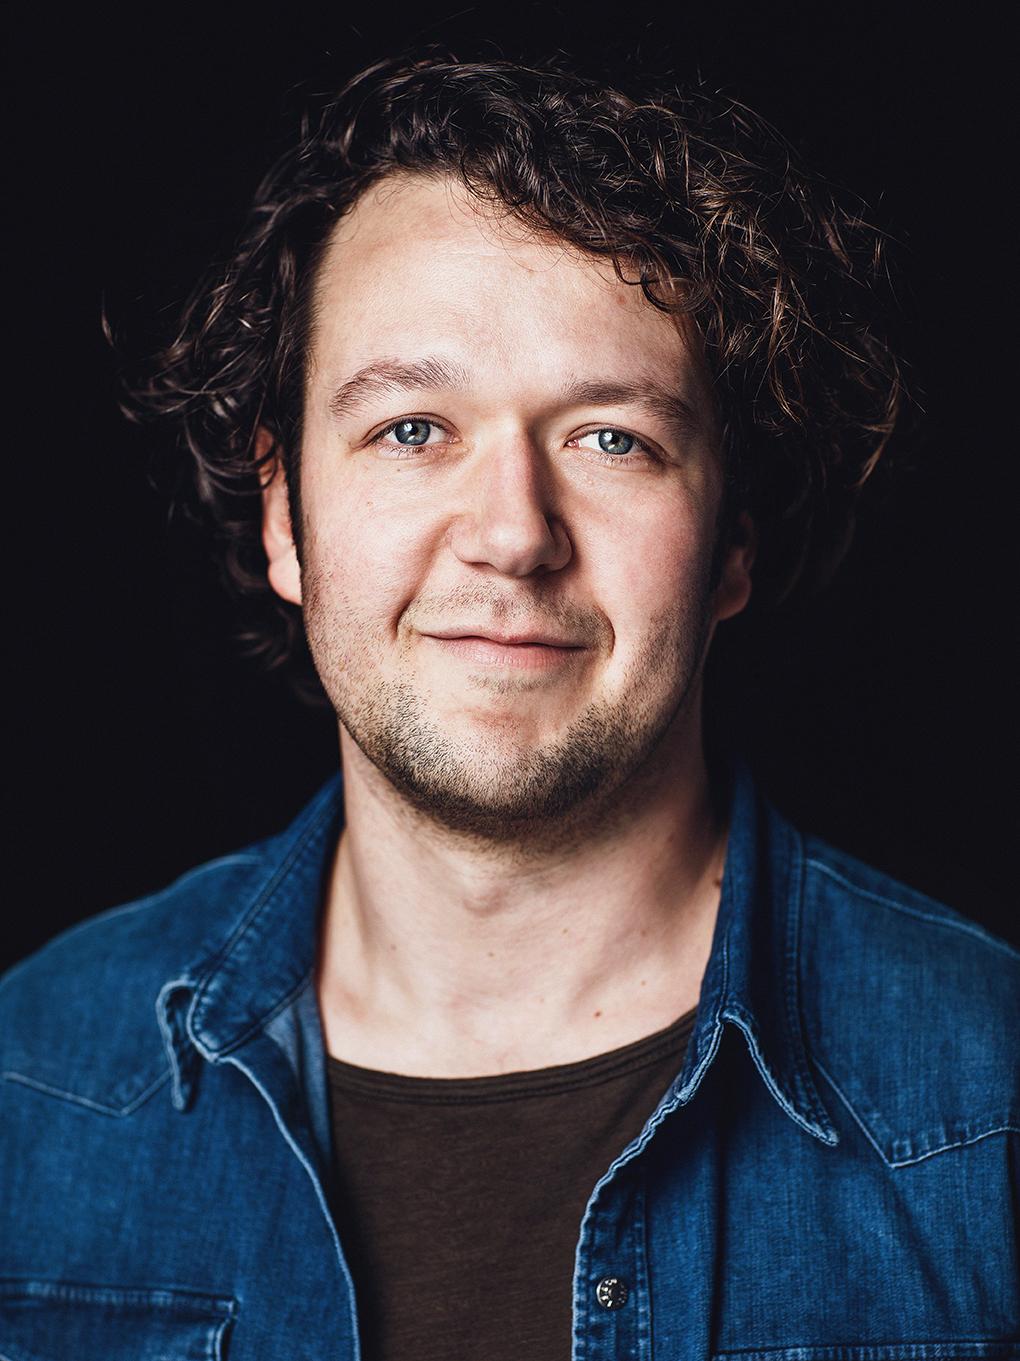 Lorenz Rickenbacher